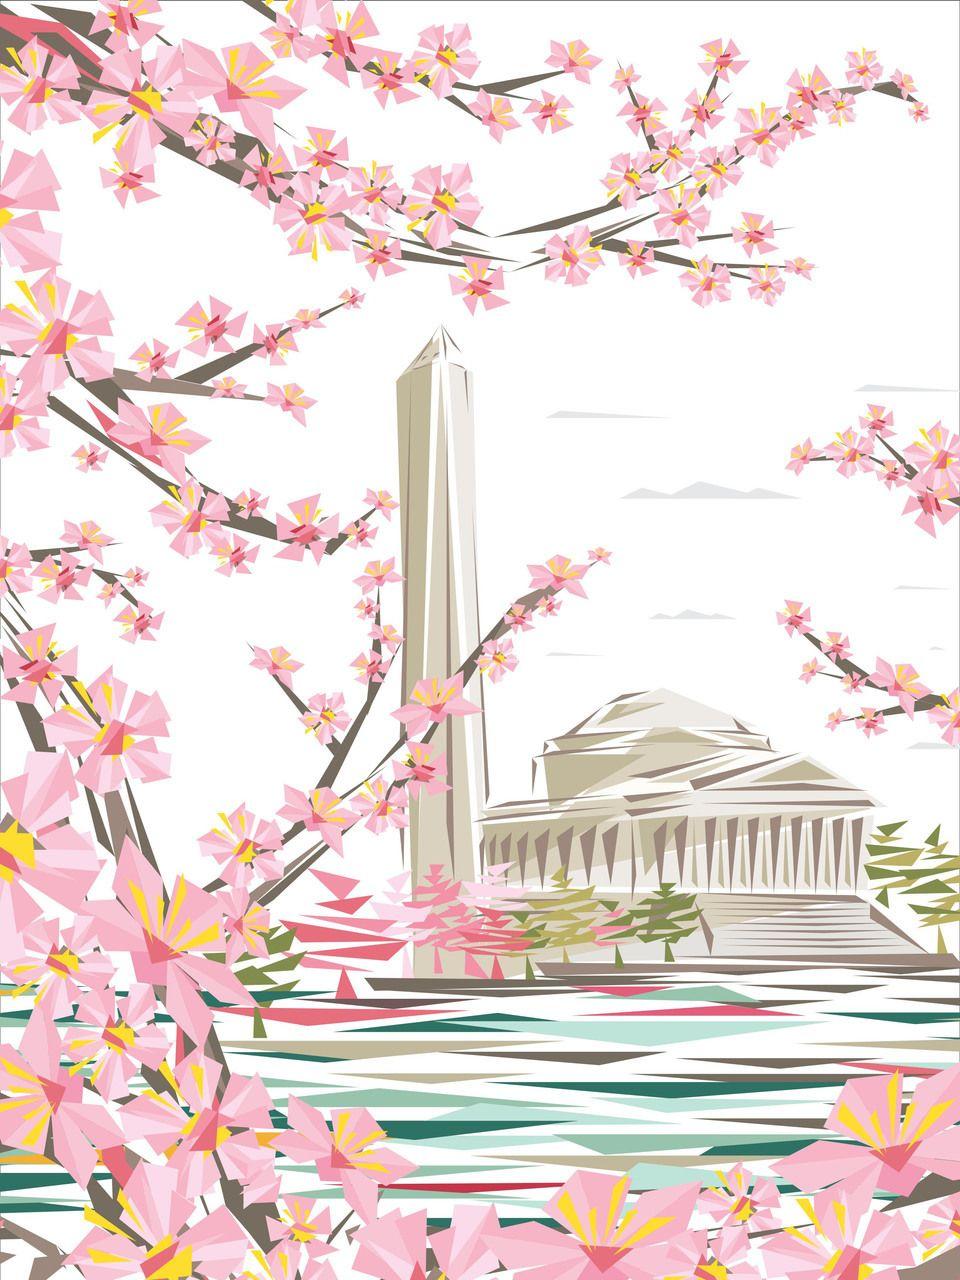 National Cherry Blossom Festival Official 2017 National Cherry Blossom Poster 12 00 Http Www N Cherry Blossom Festival Cherry Blossom Cherry Blossom Dc